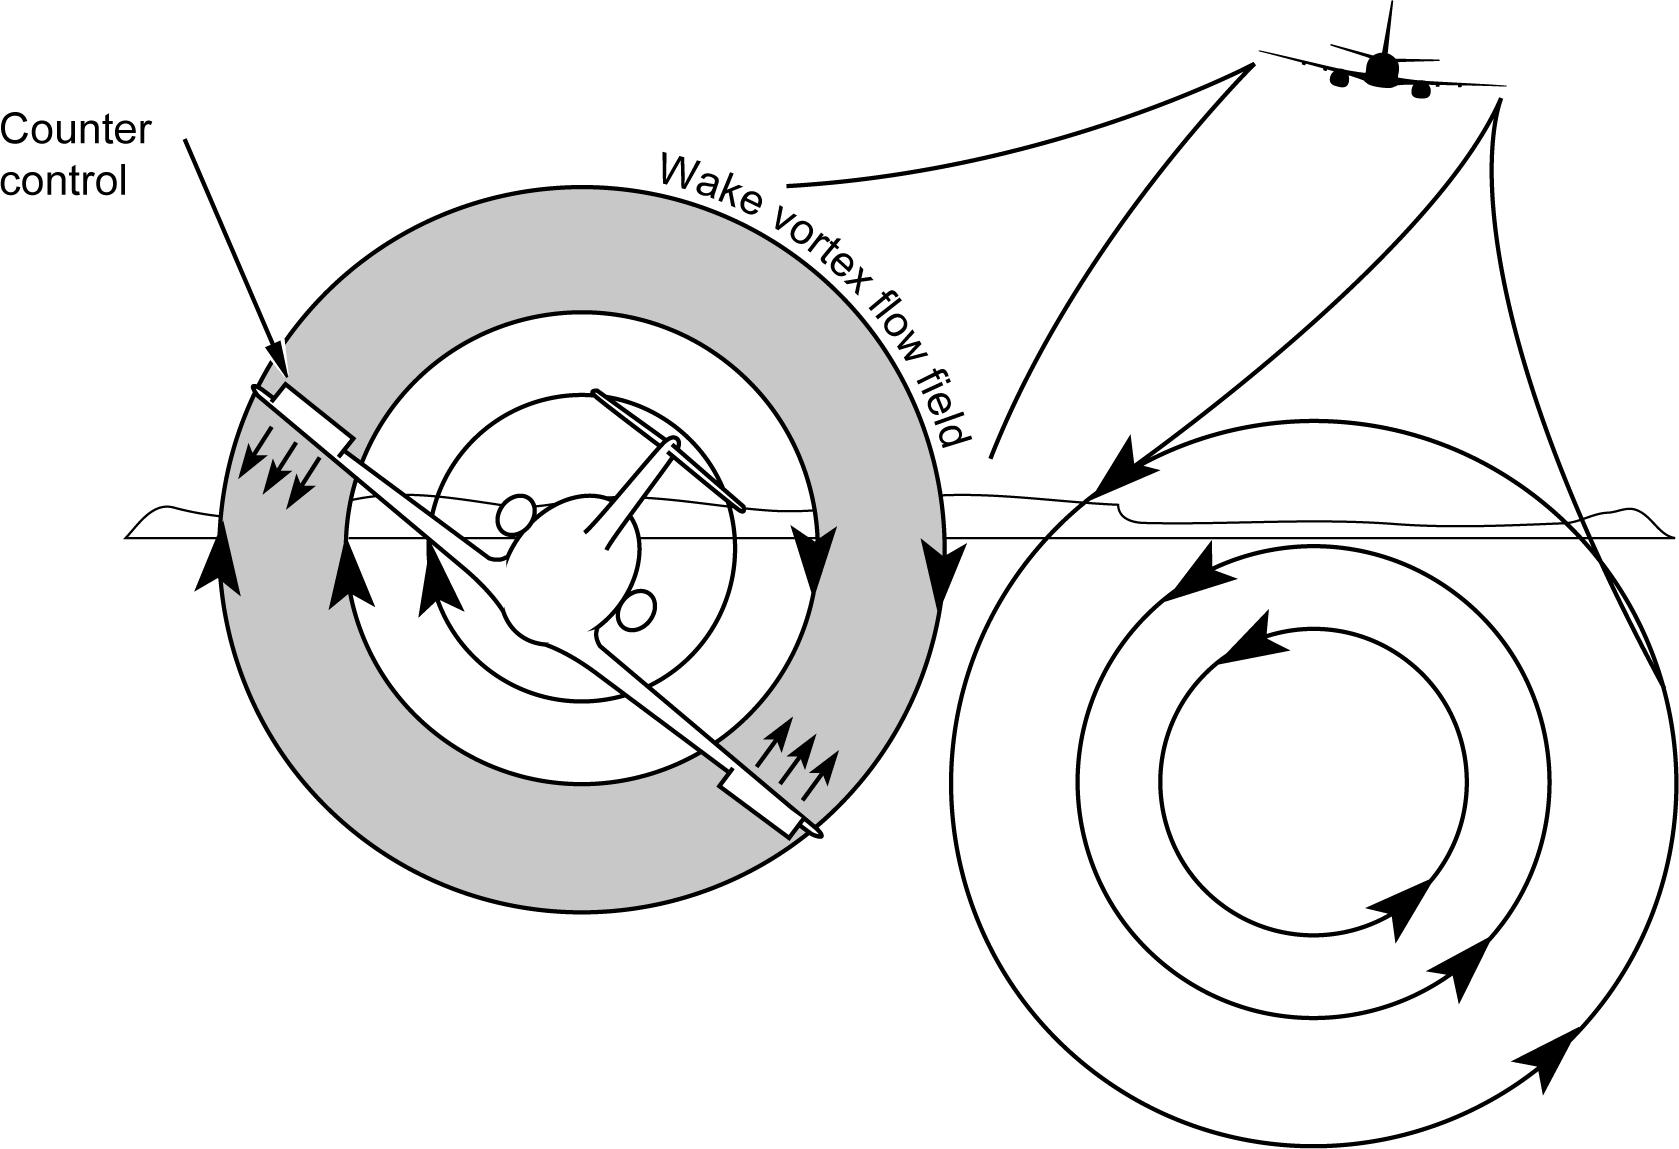 L'impact sur un avion de la turbulence de sillage